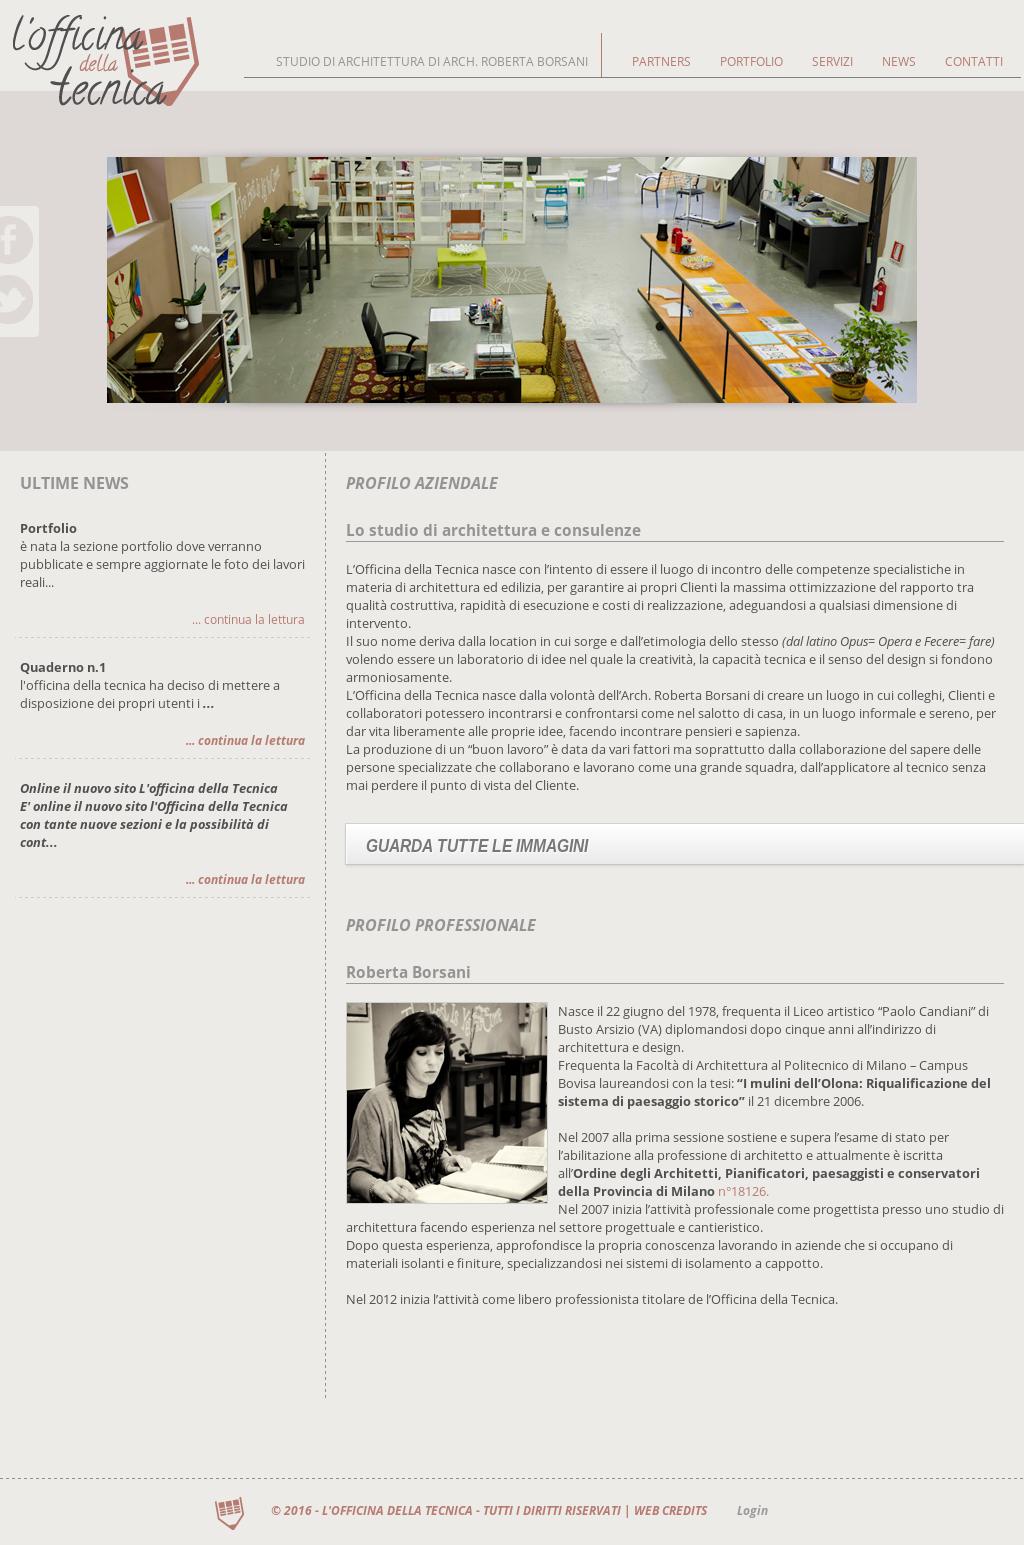 Studio Architettura Paesaggio Milano l'officina della tecnica competitors, revenue and employees